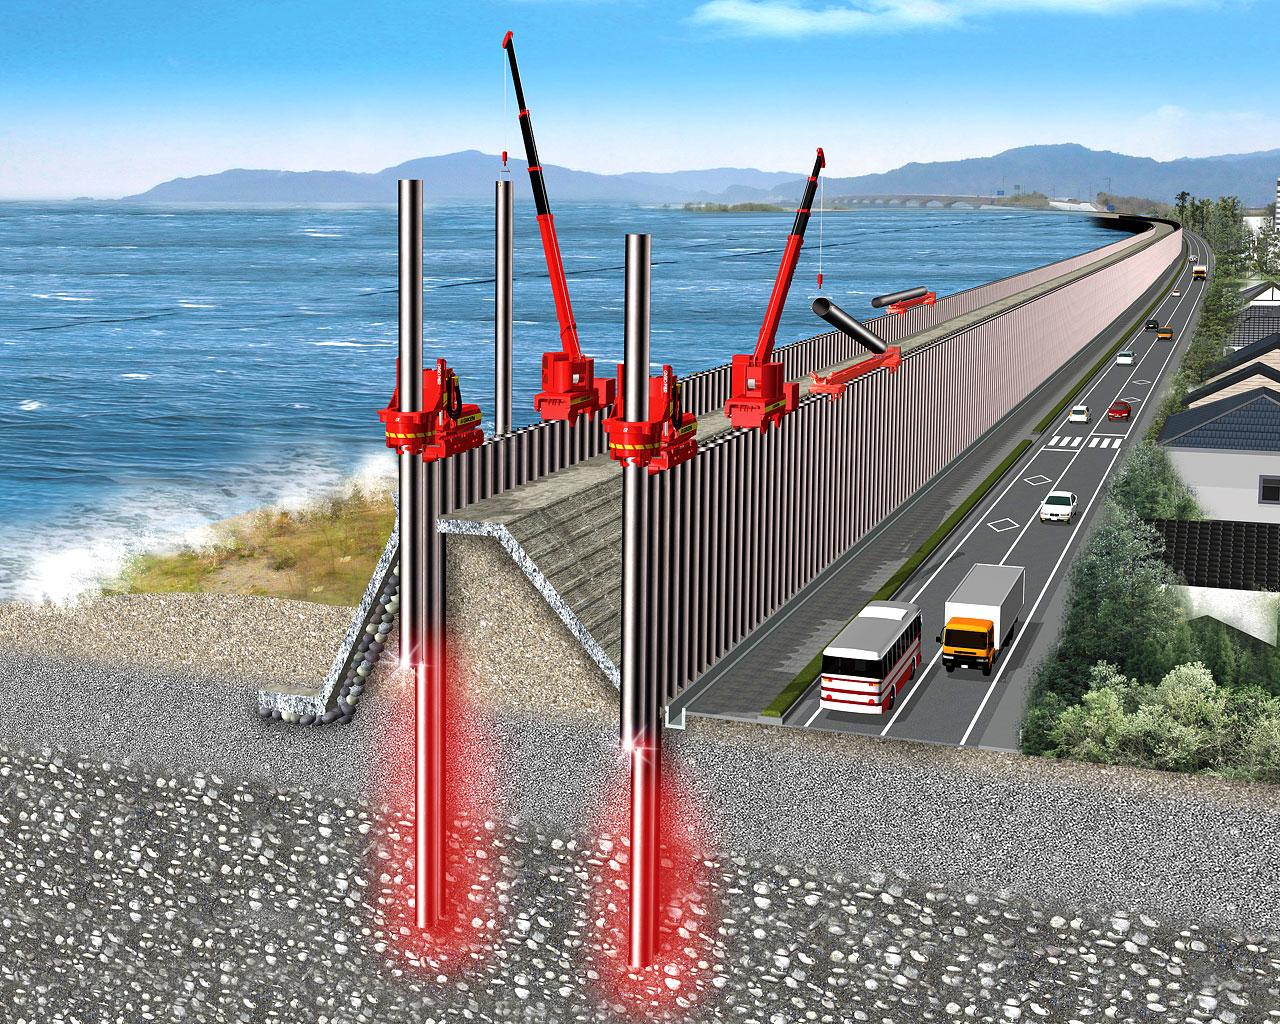 高潮・高波対策「インプラント堤防」 1